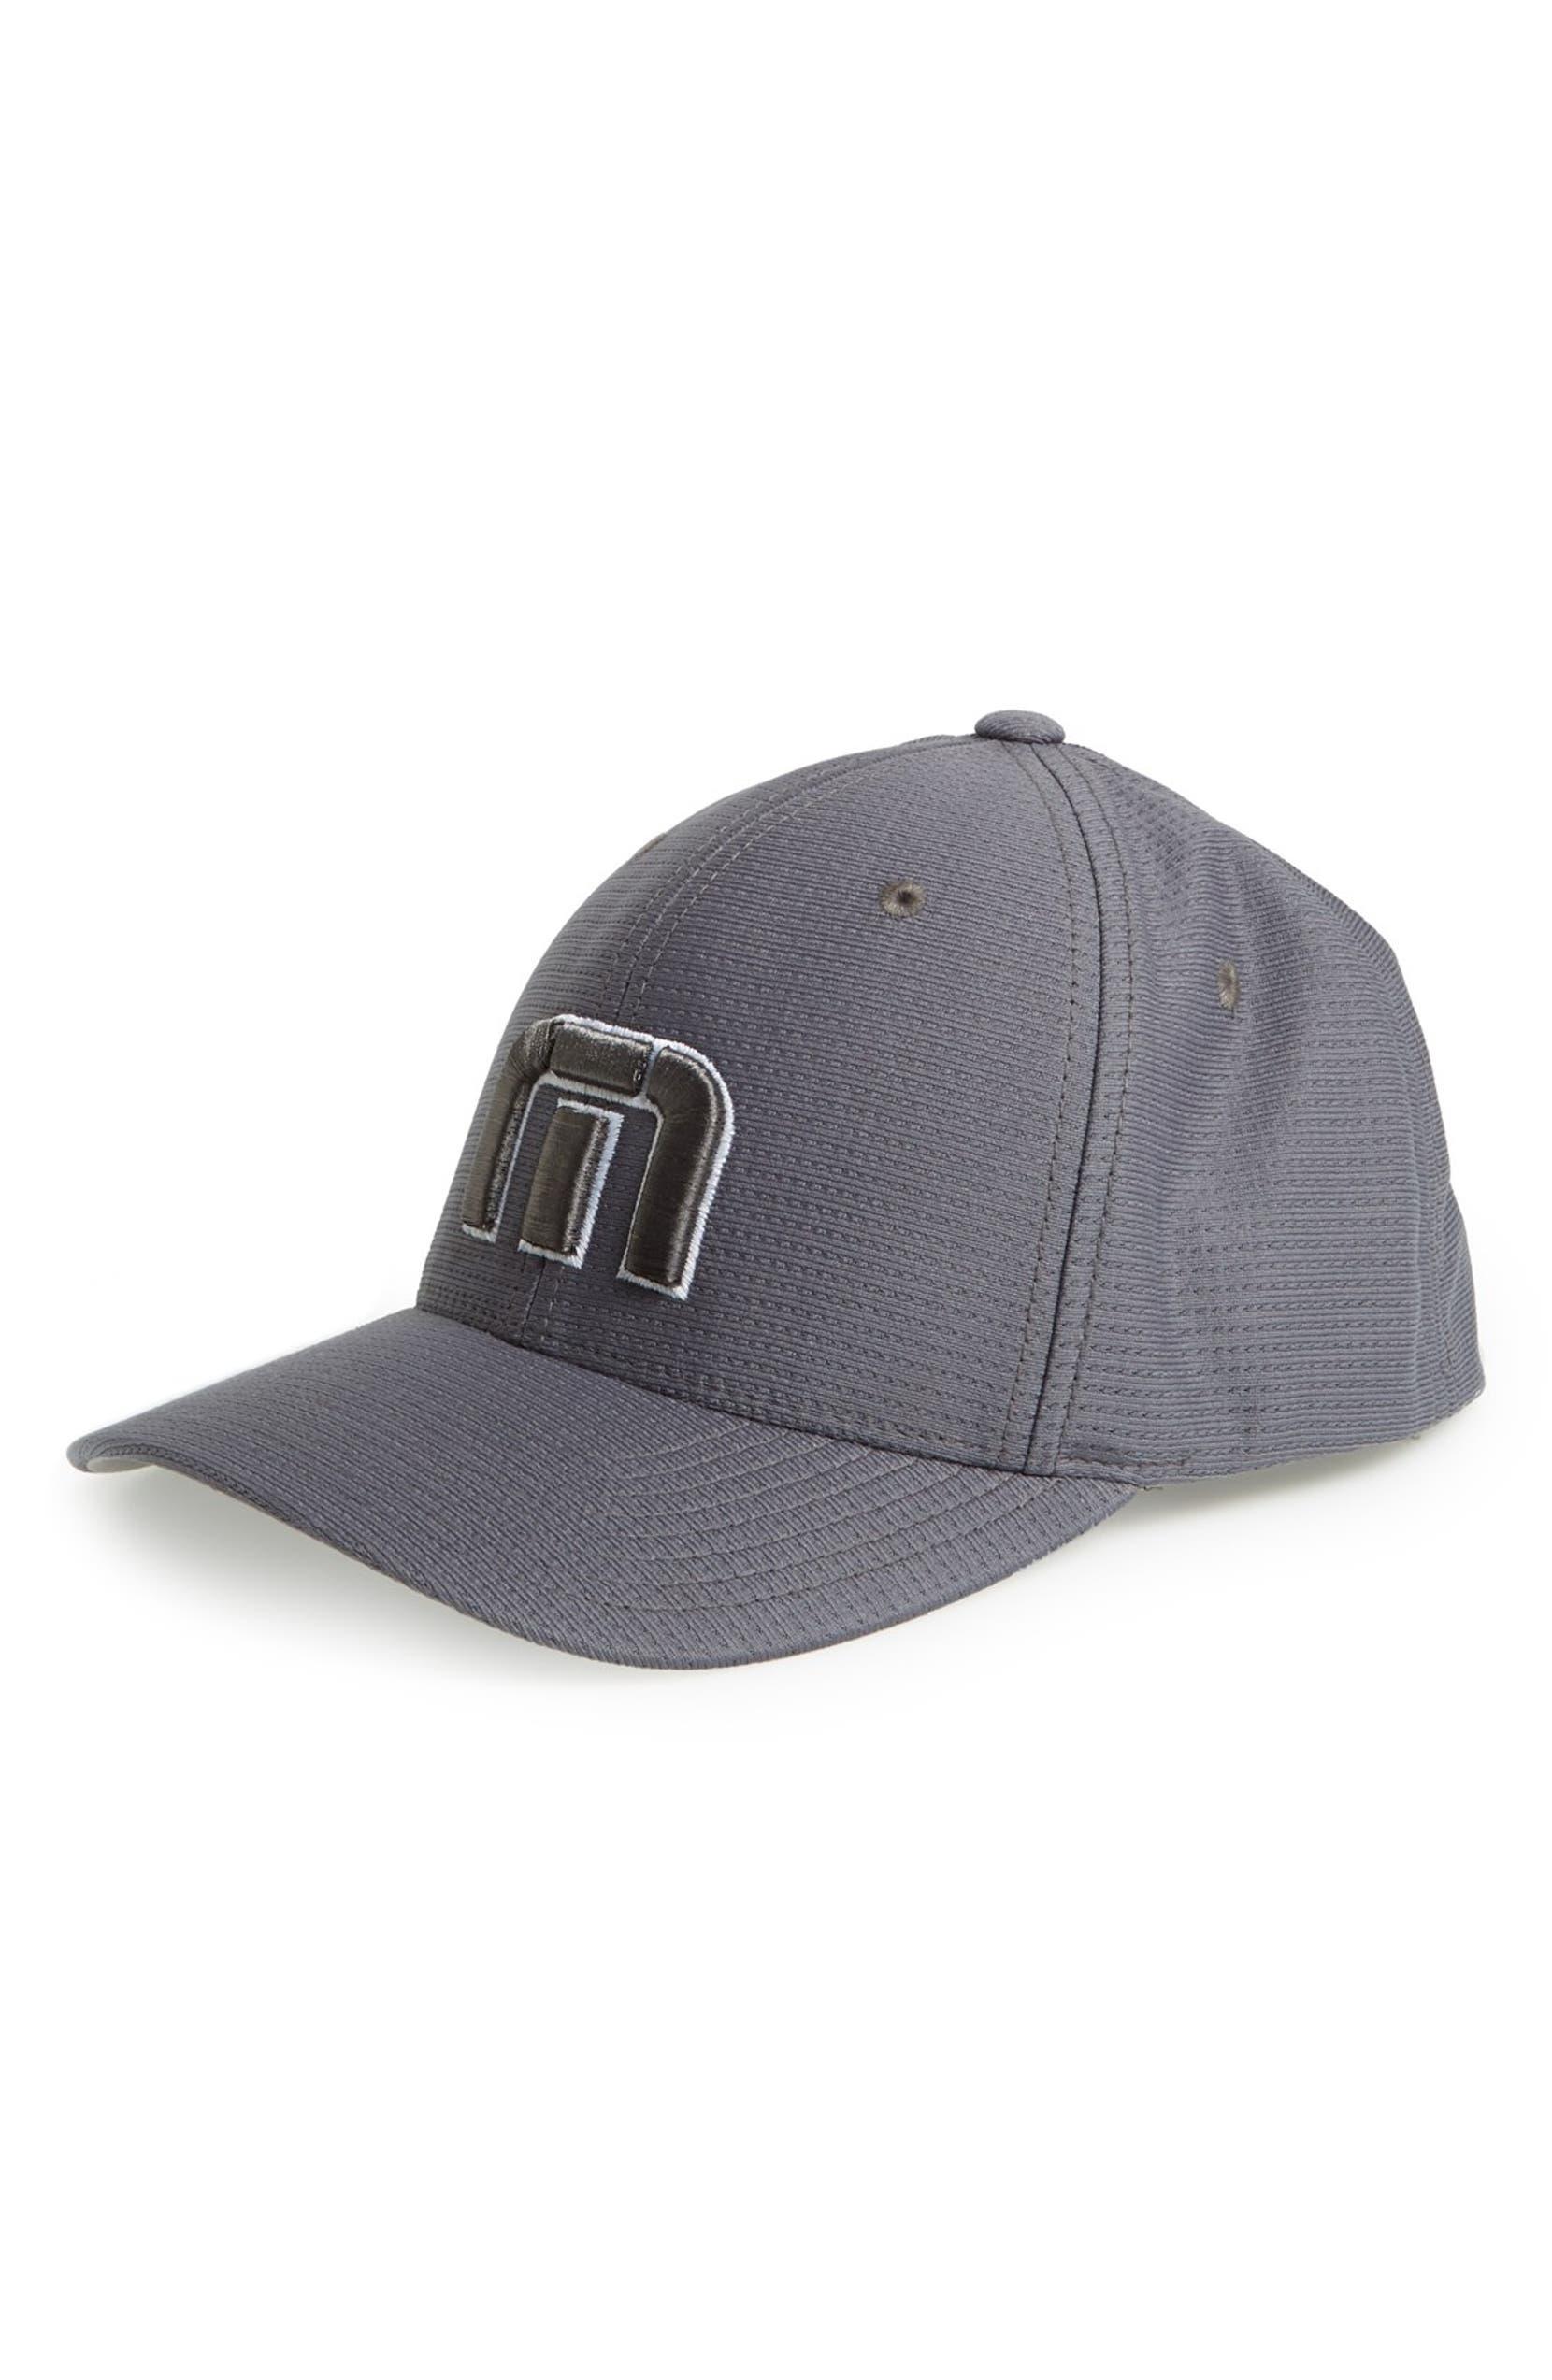 d3513e209 'B-Bahamas' Hat